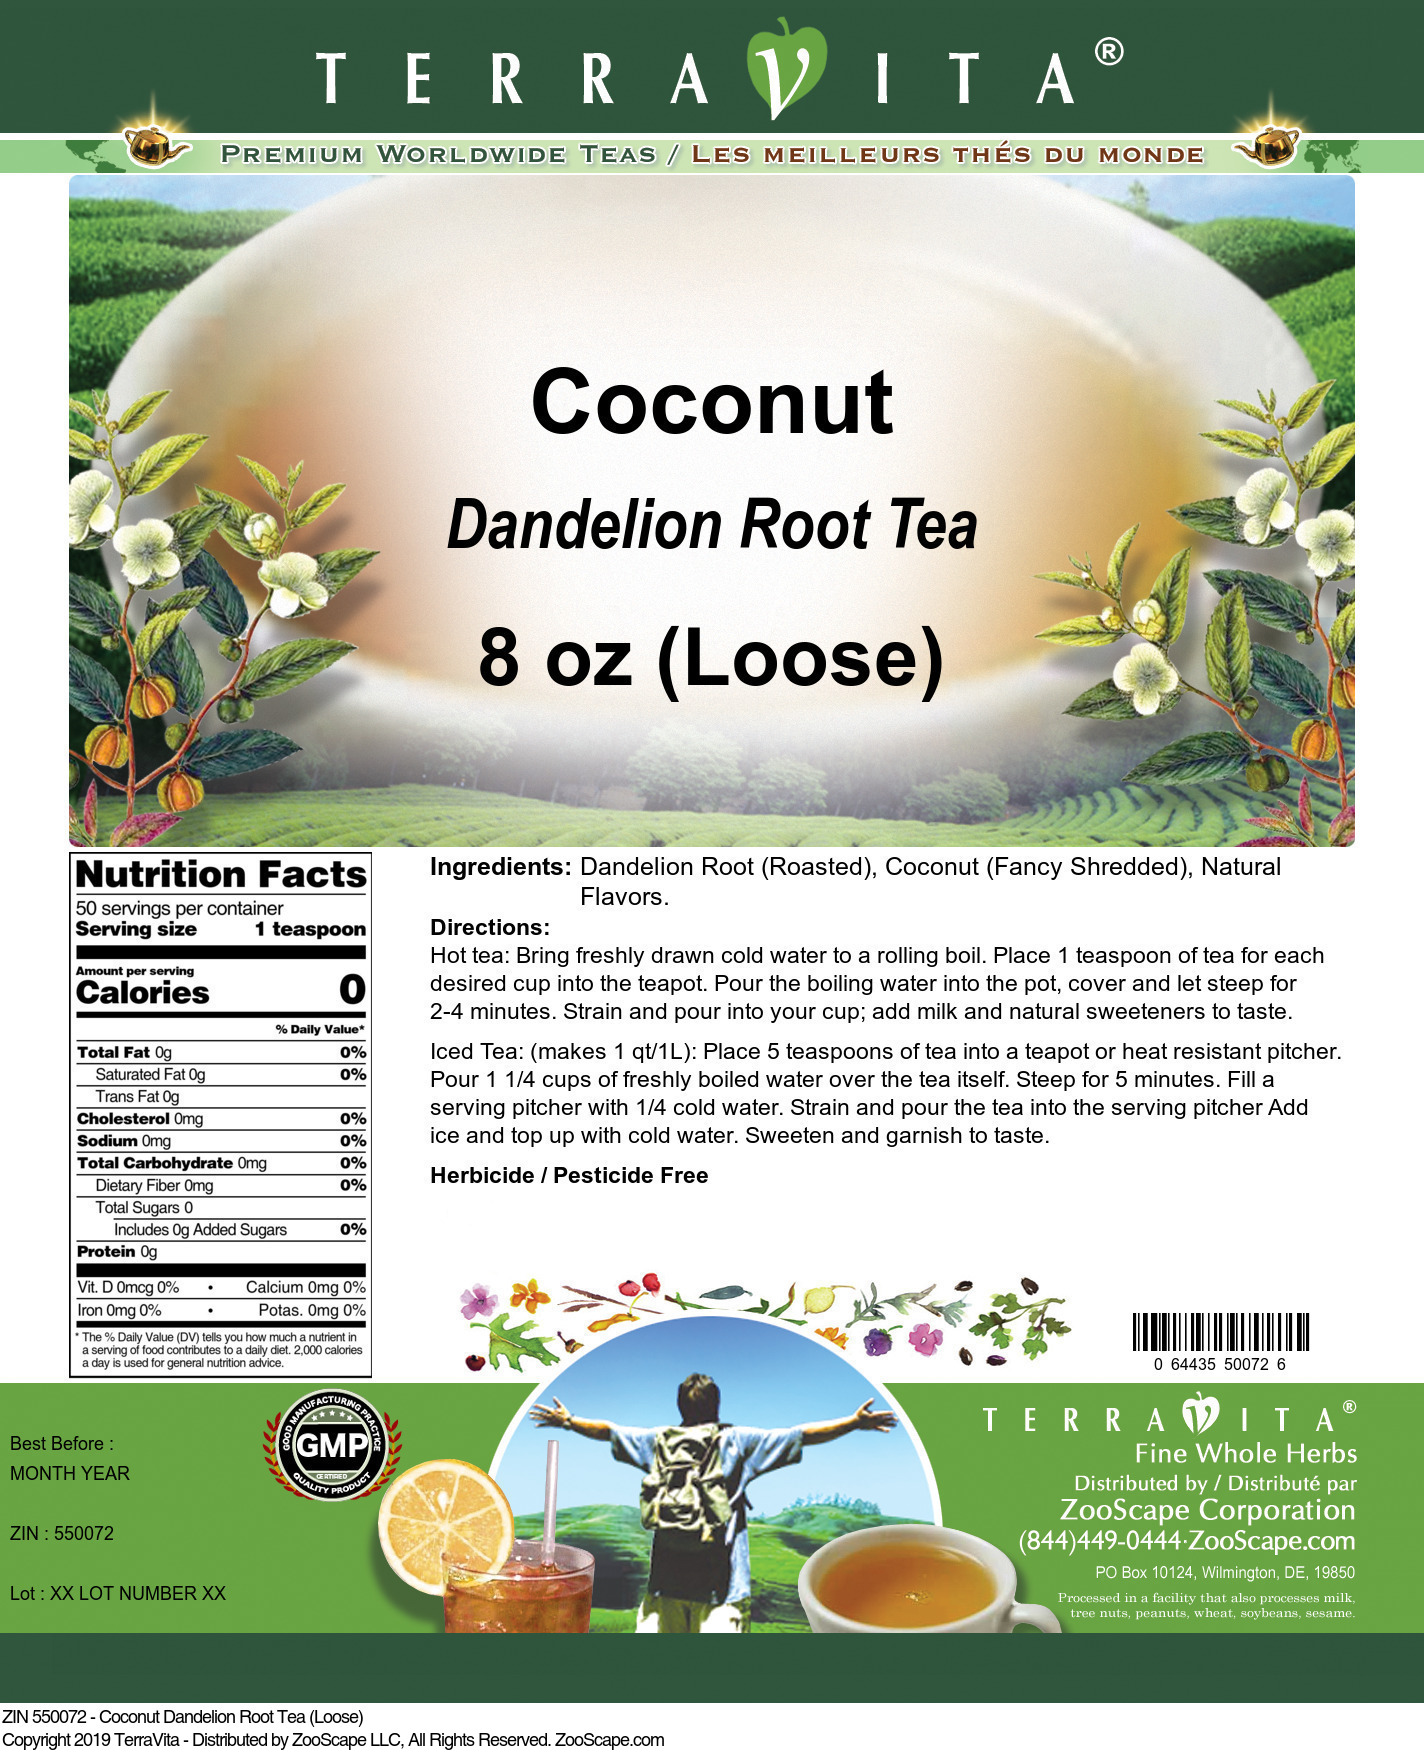 Coconut Dandelion Root